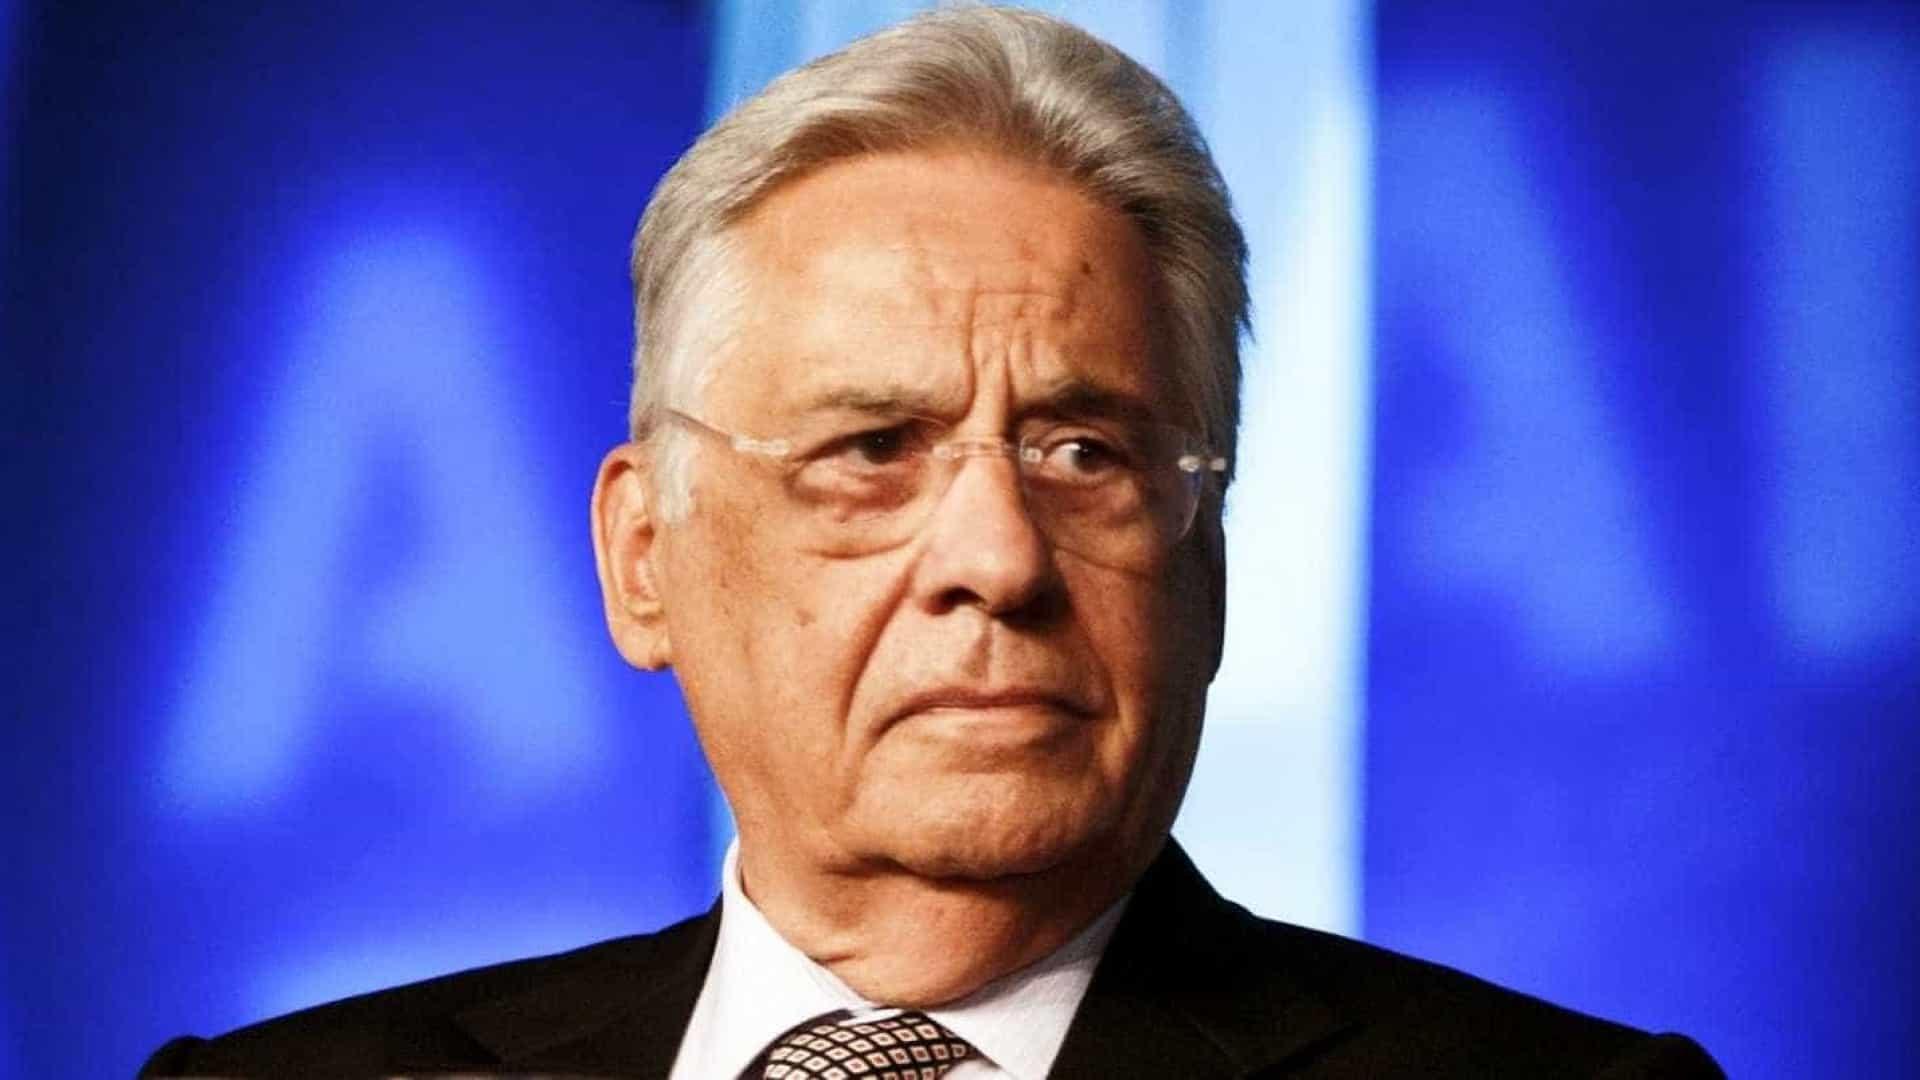 FHC: Bolsonaro encerra um ciclo do país, mas não sei se criará outro